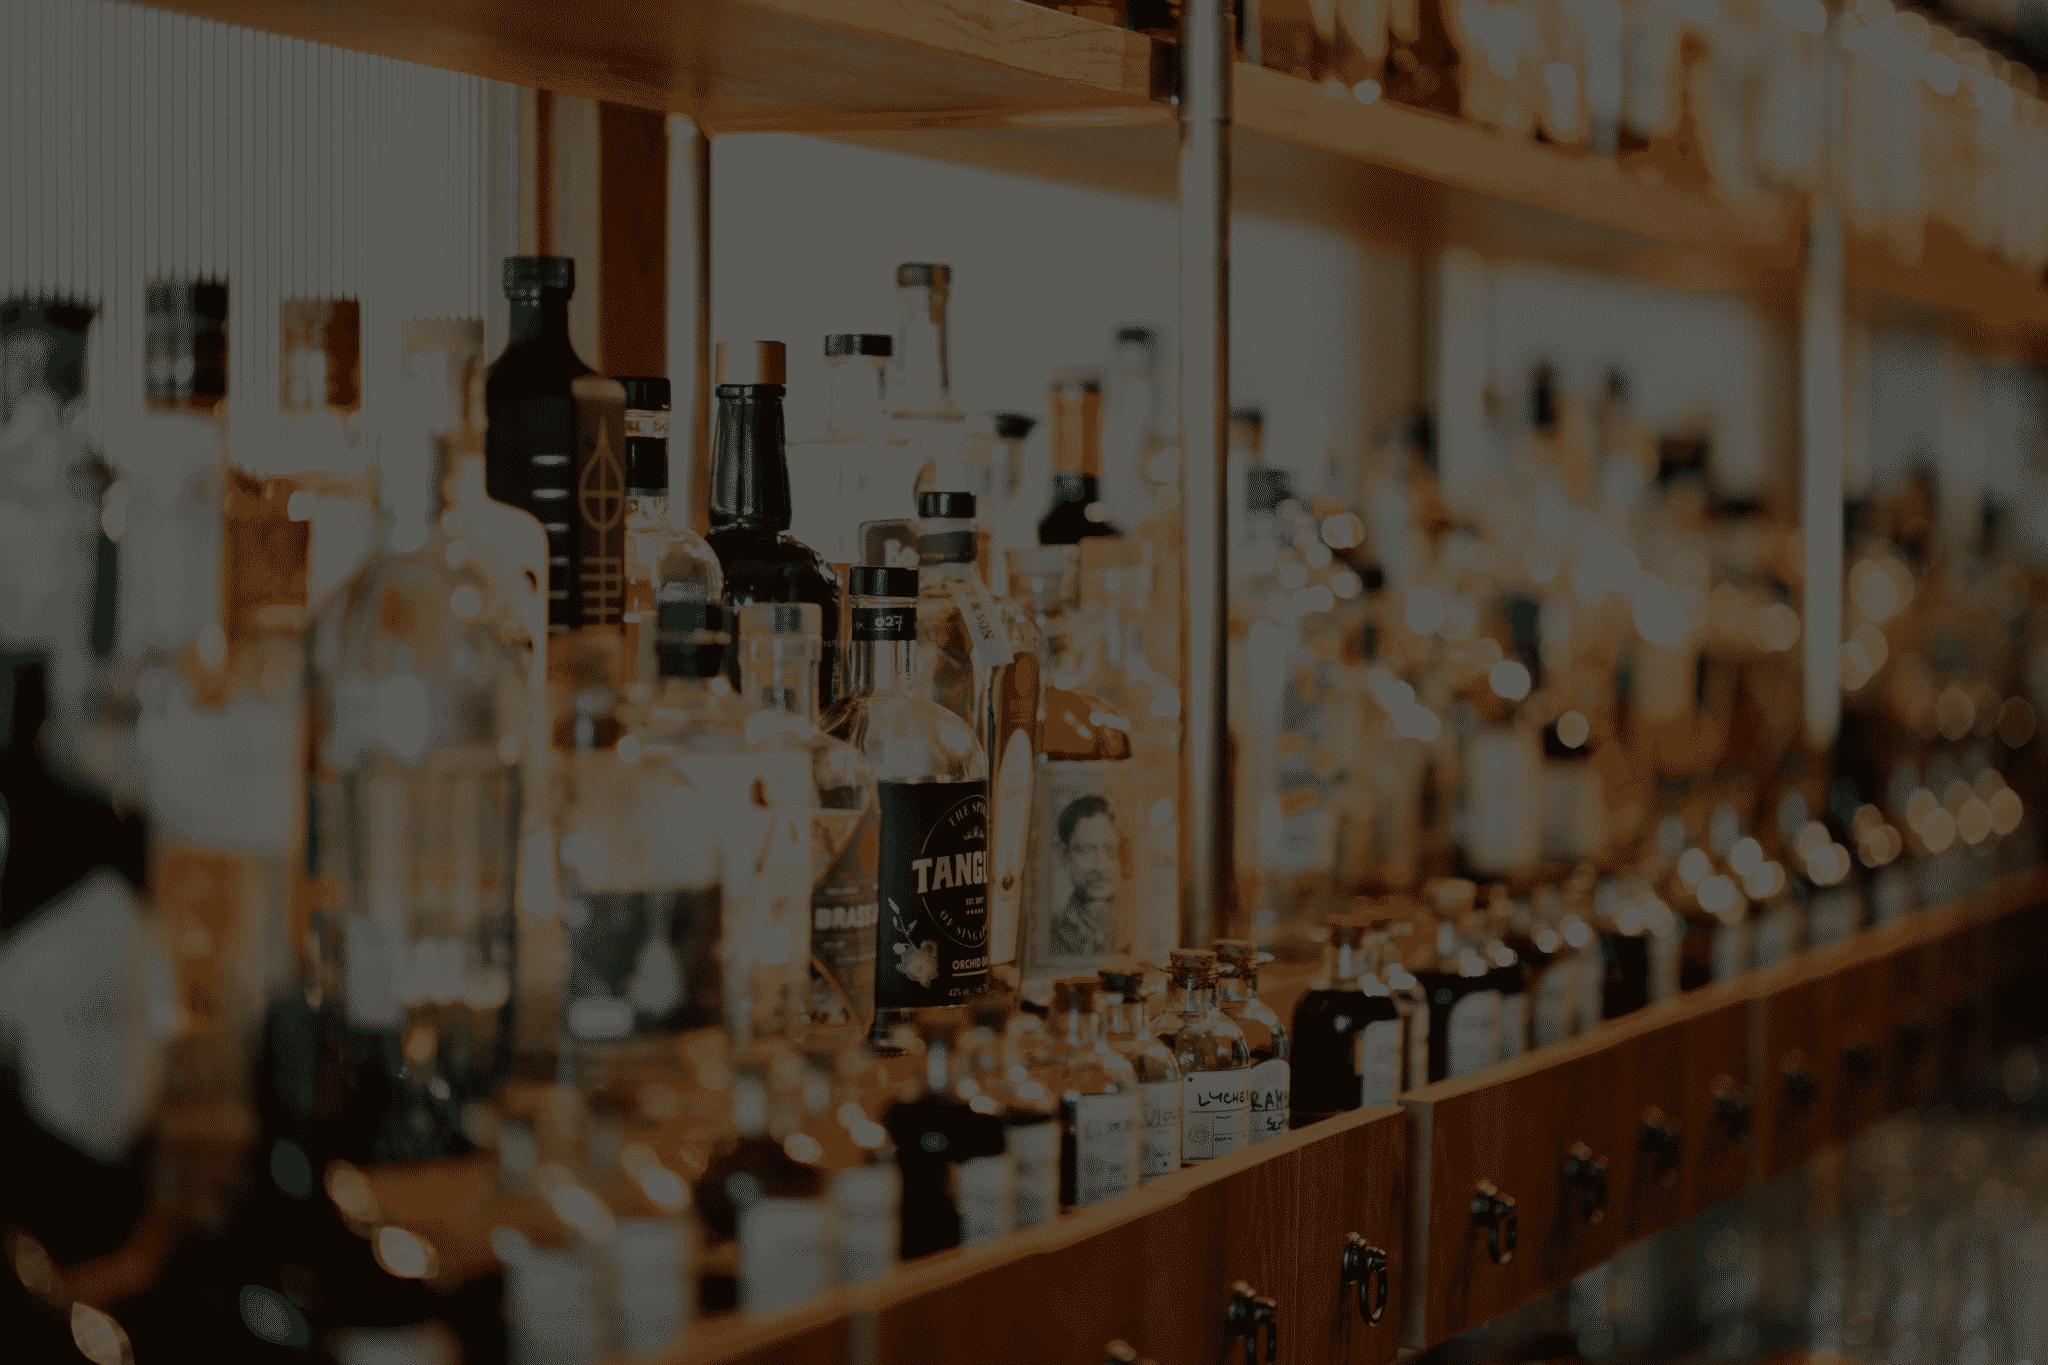 Fully stocked liquor cabinet with liquor